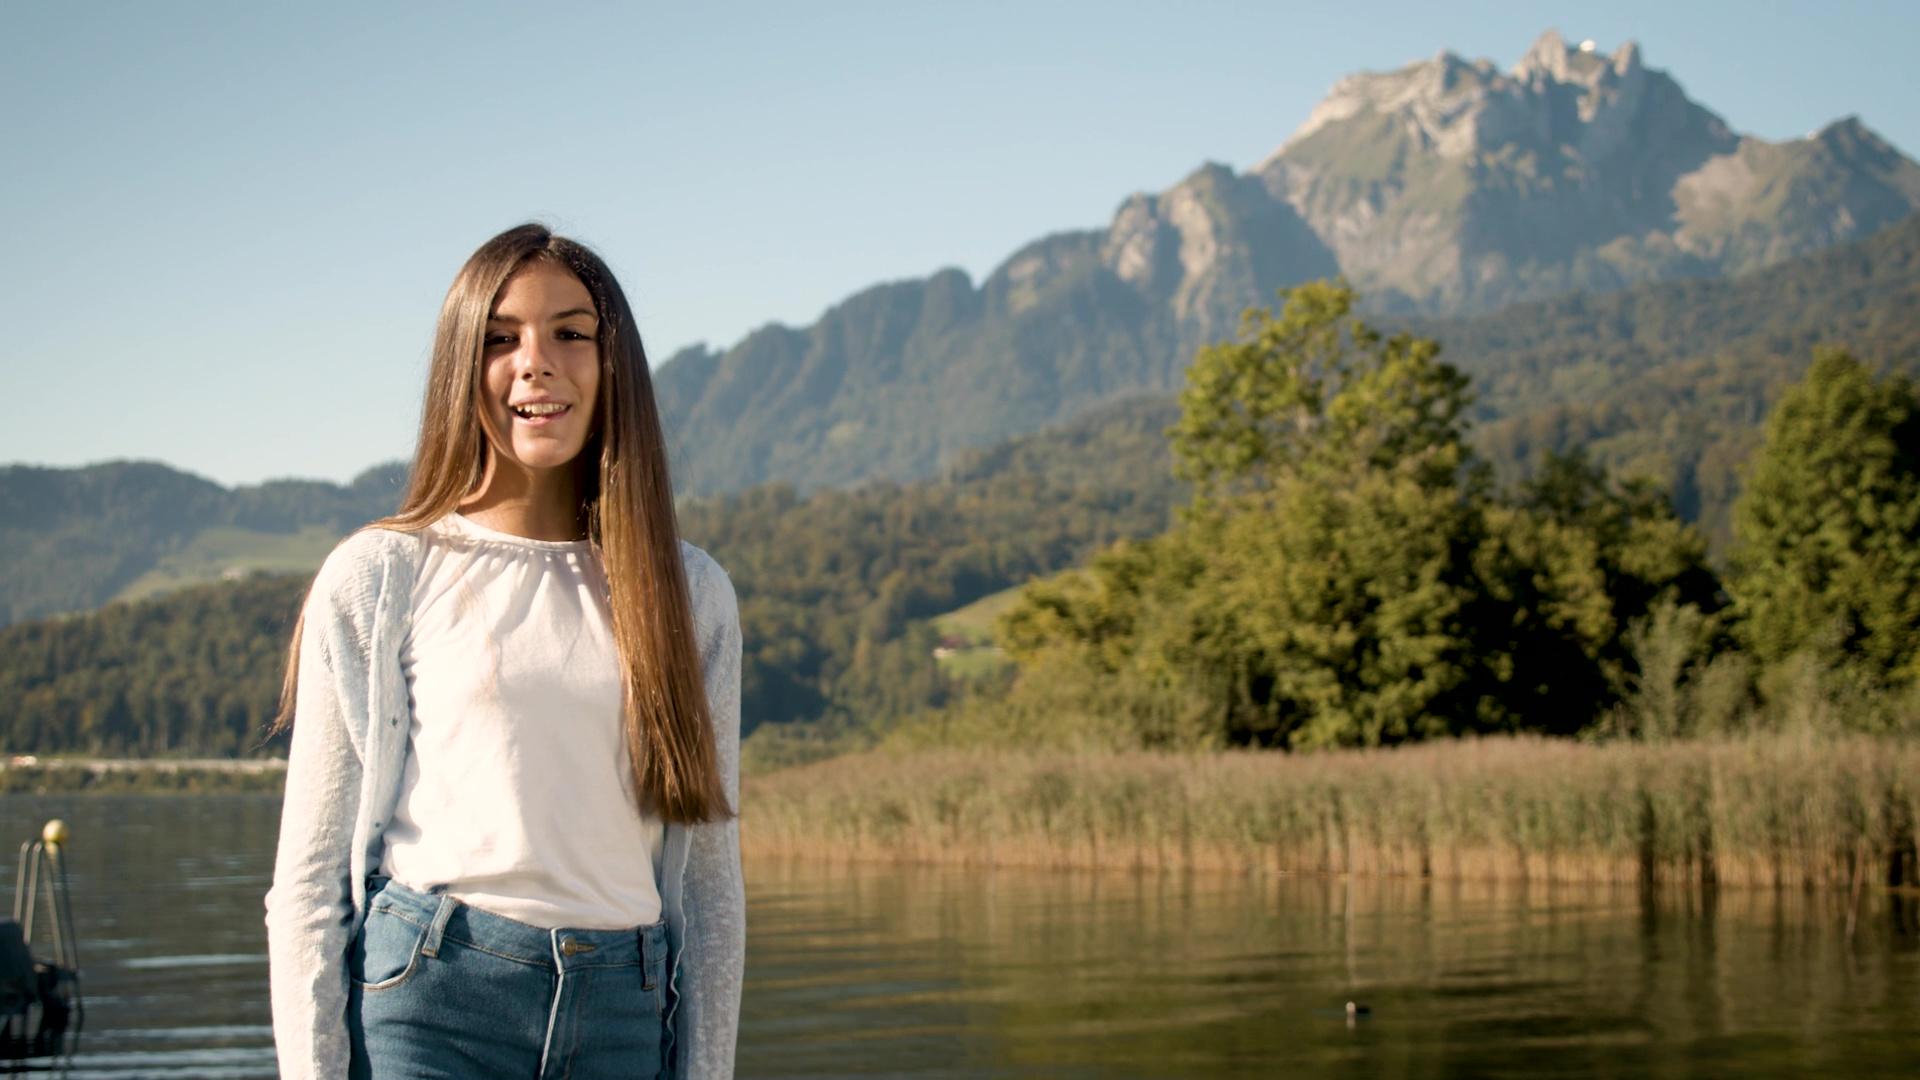 Ana Catarina Milici